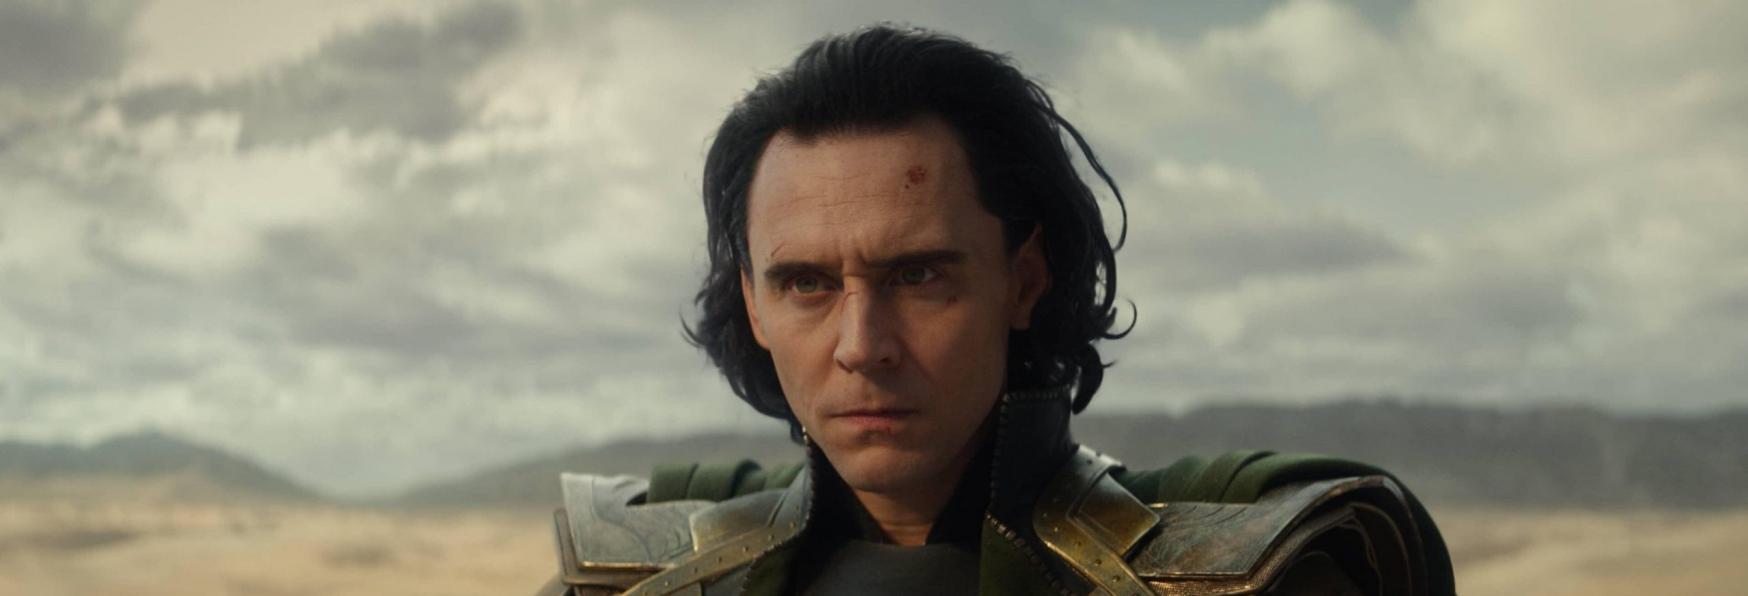 Loki: Disney+ Rilascia alcune nuove Immagini del Secondo Episodio della Serie TV Marvel